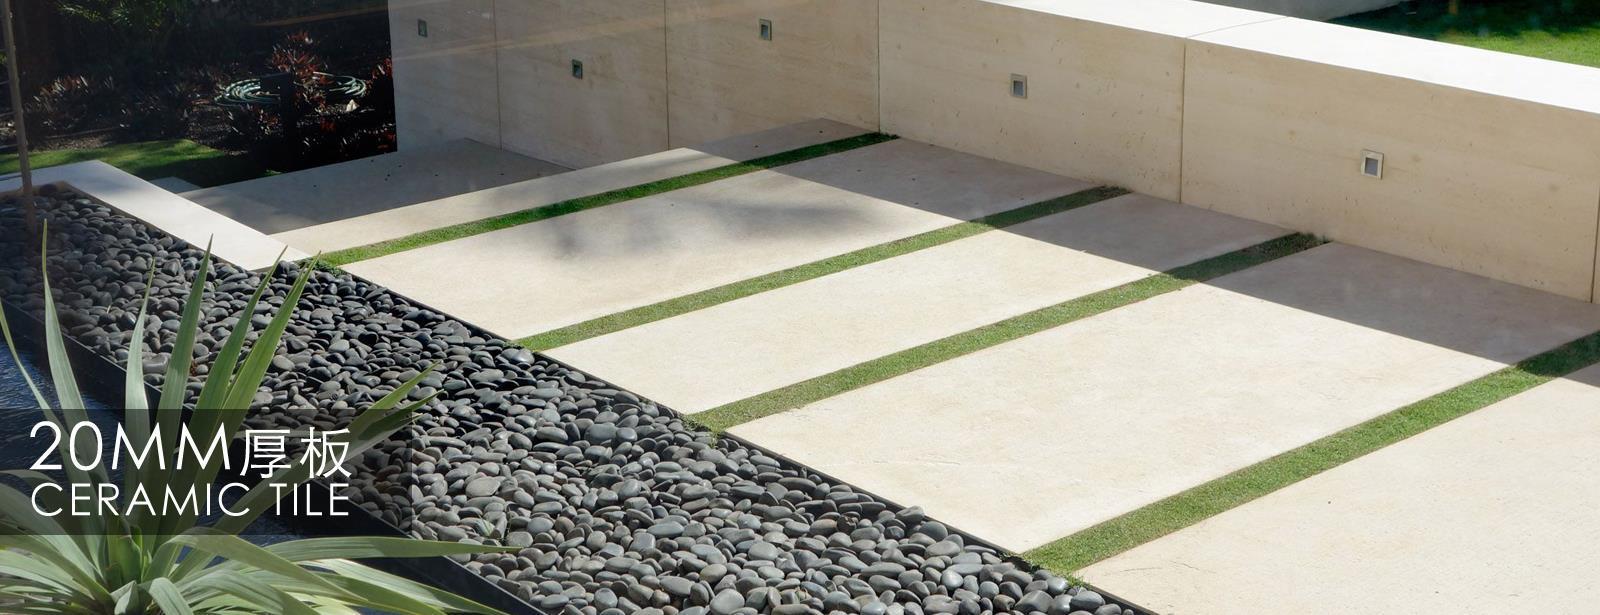 仿石英石生态地铺石好不好?2cm厚石英砖有哪些规格?